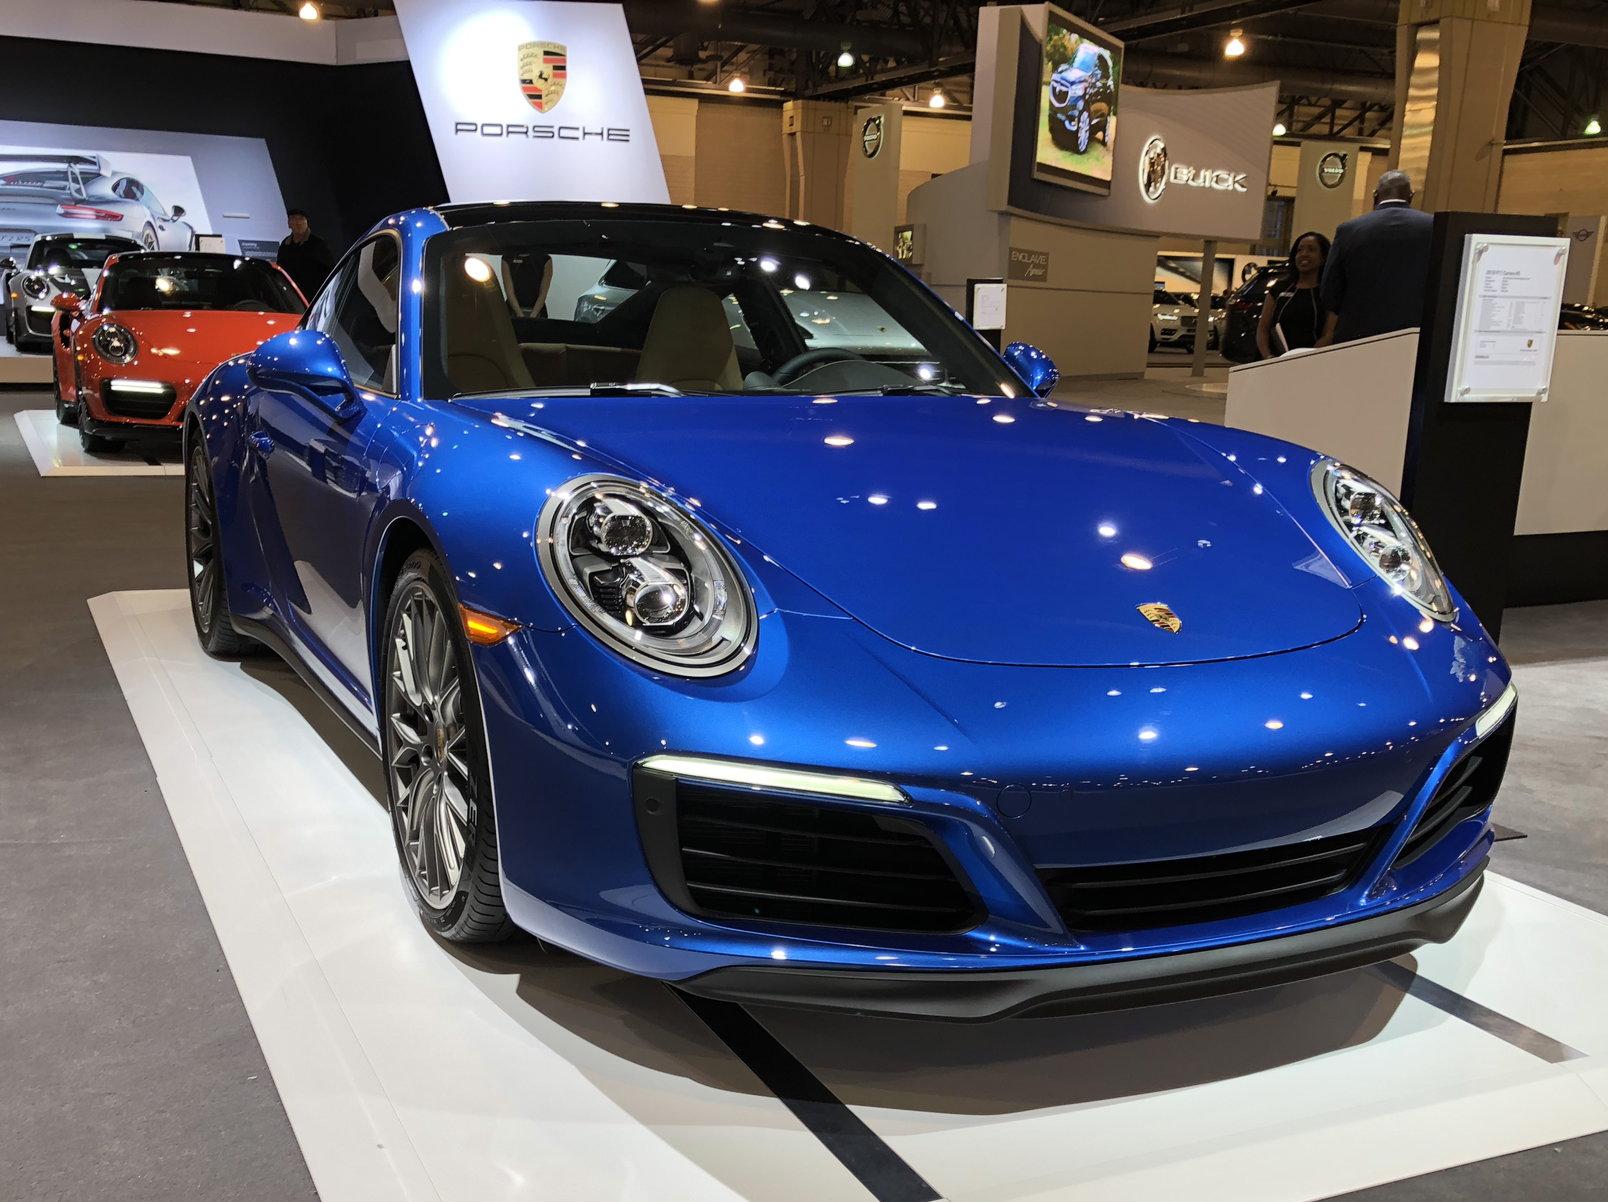 Philly Auto Show Rennlist Porsche Discussion Forums - Philadelphia convention center car show